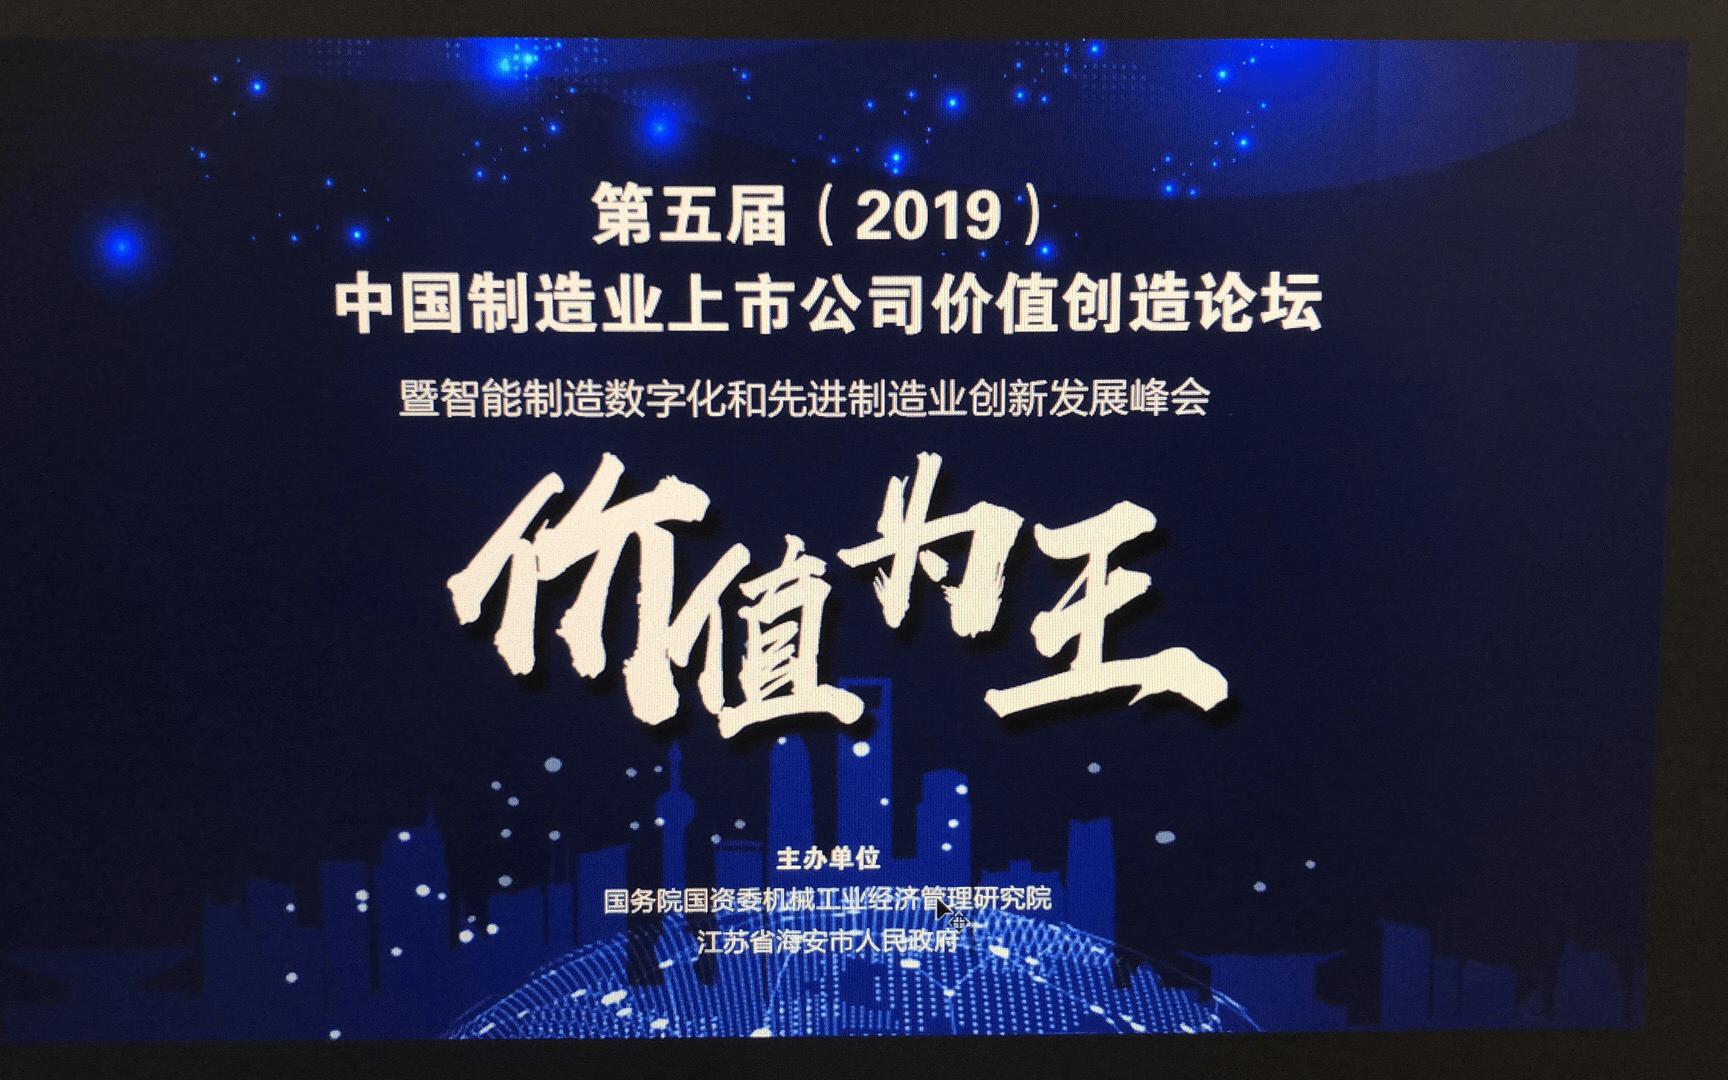 2019中国制造业上市公司价值创造论坛暨智能制造数字化和先进制造业创新发展峰会(南通)